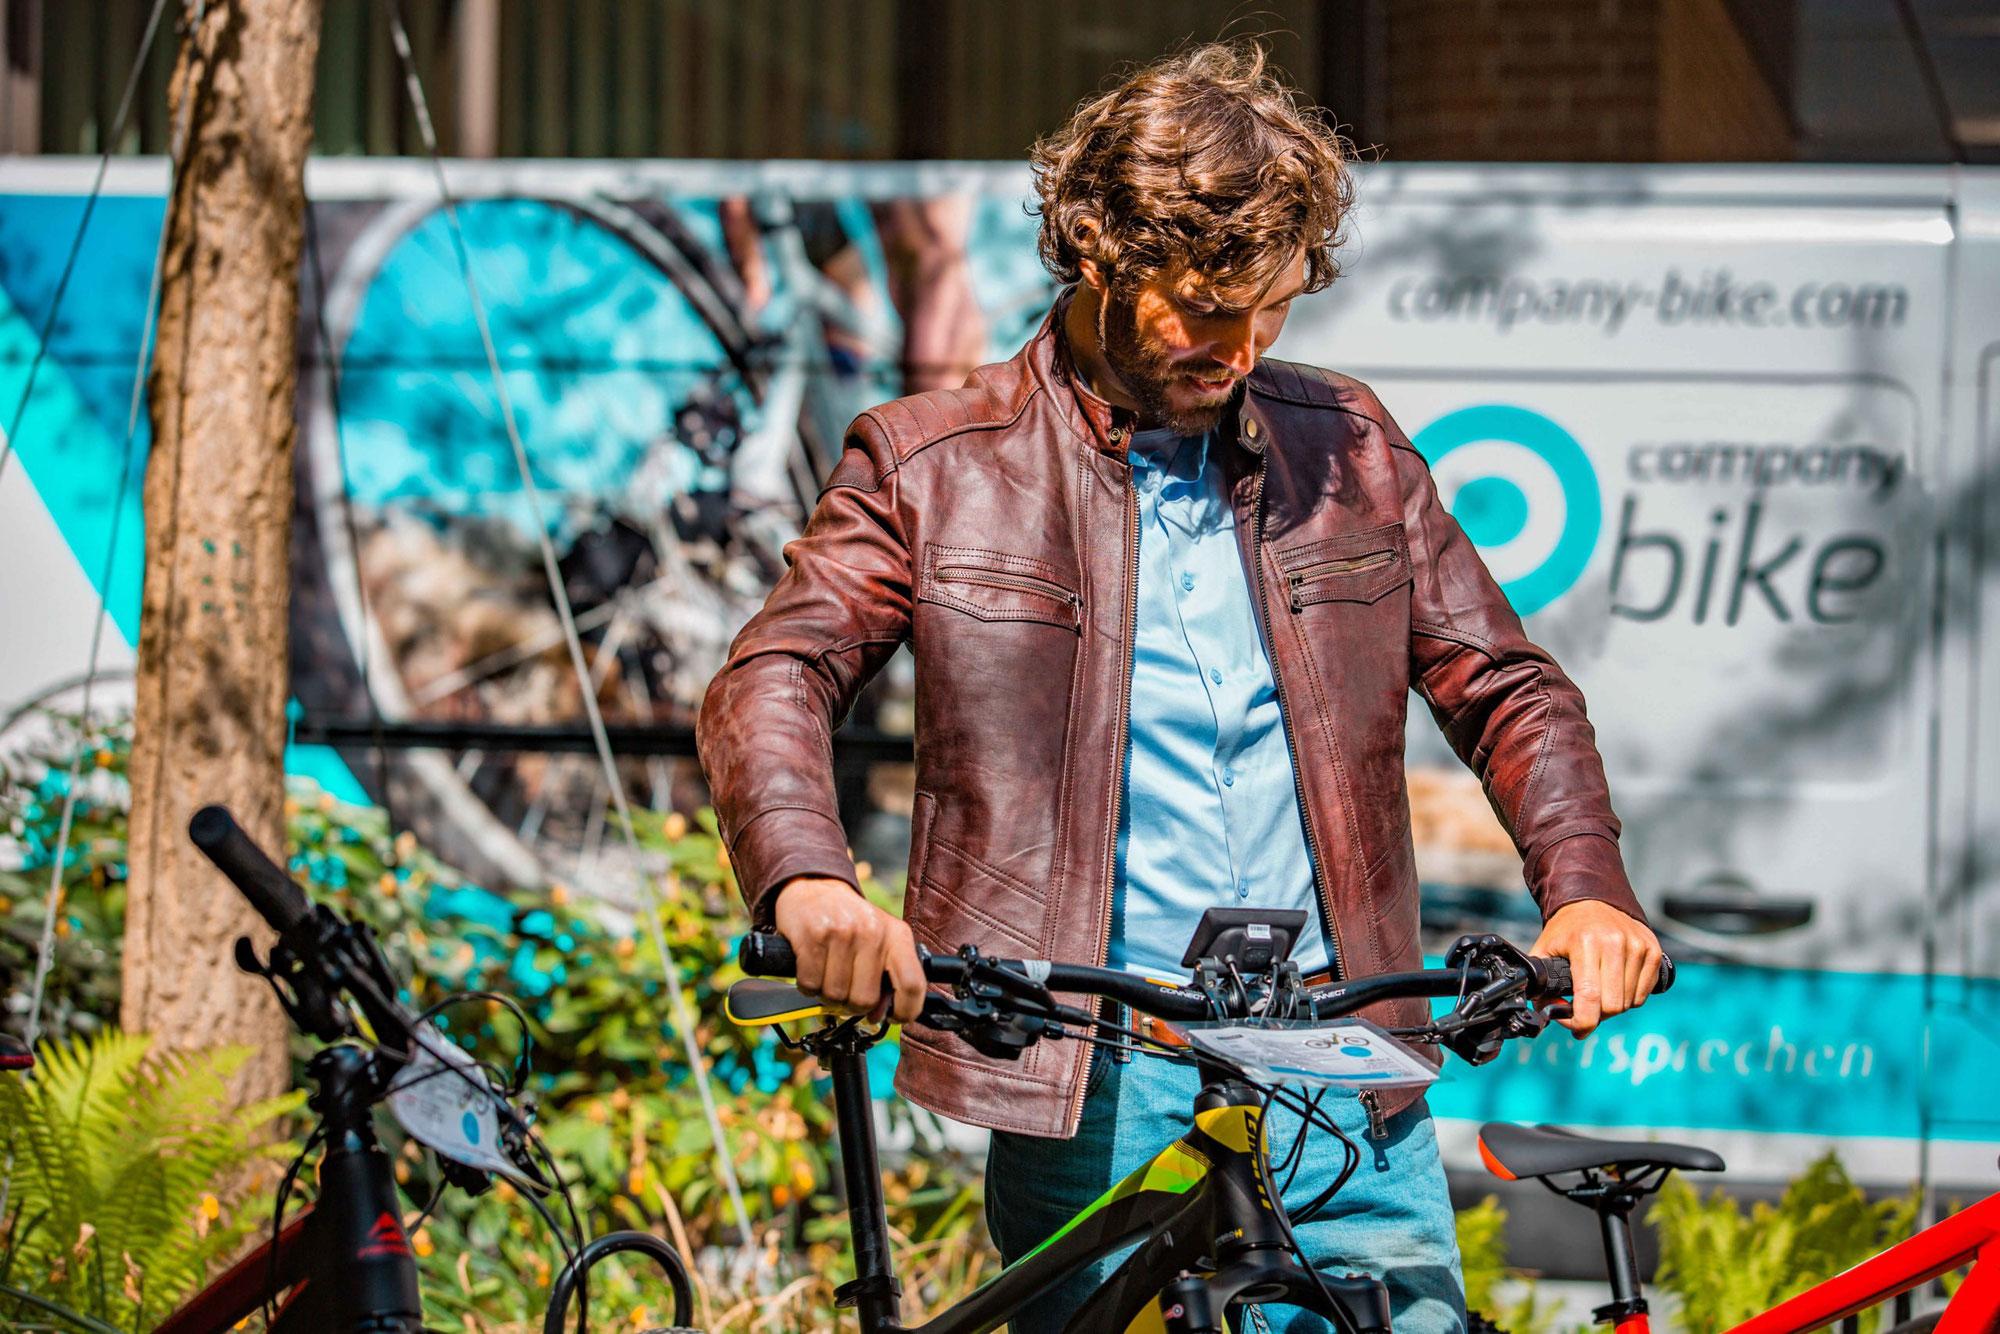 Company Bike erhält Auszeichnung